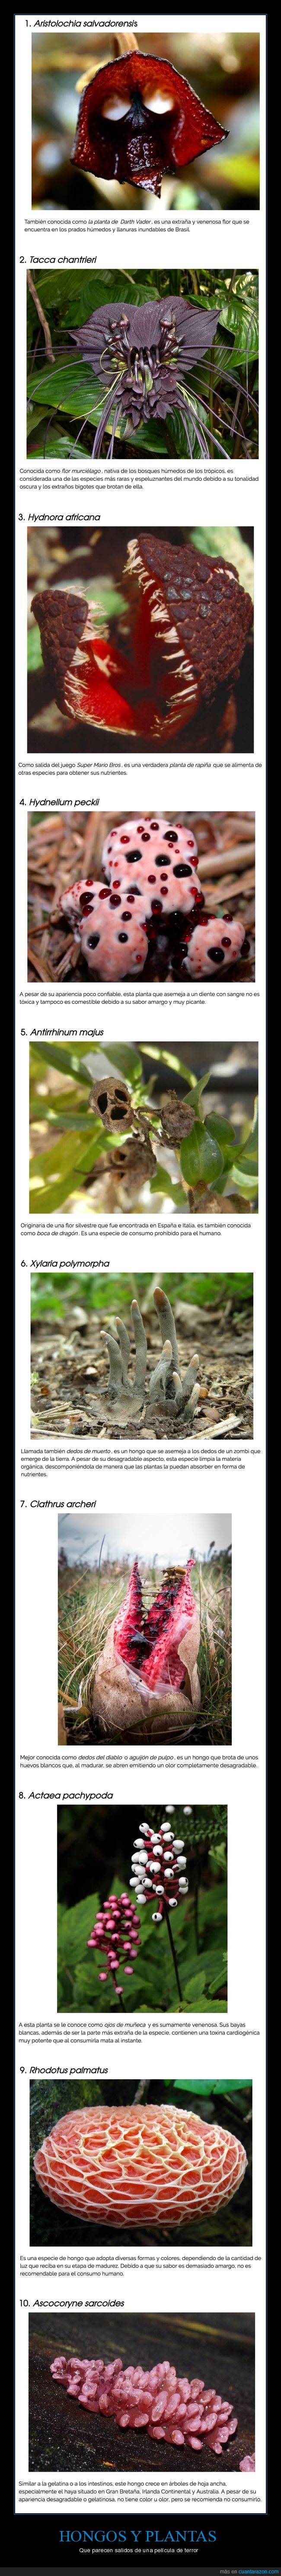 hongos,plantas,raros